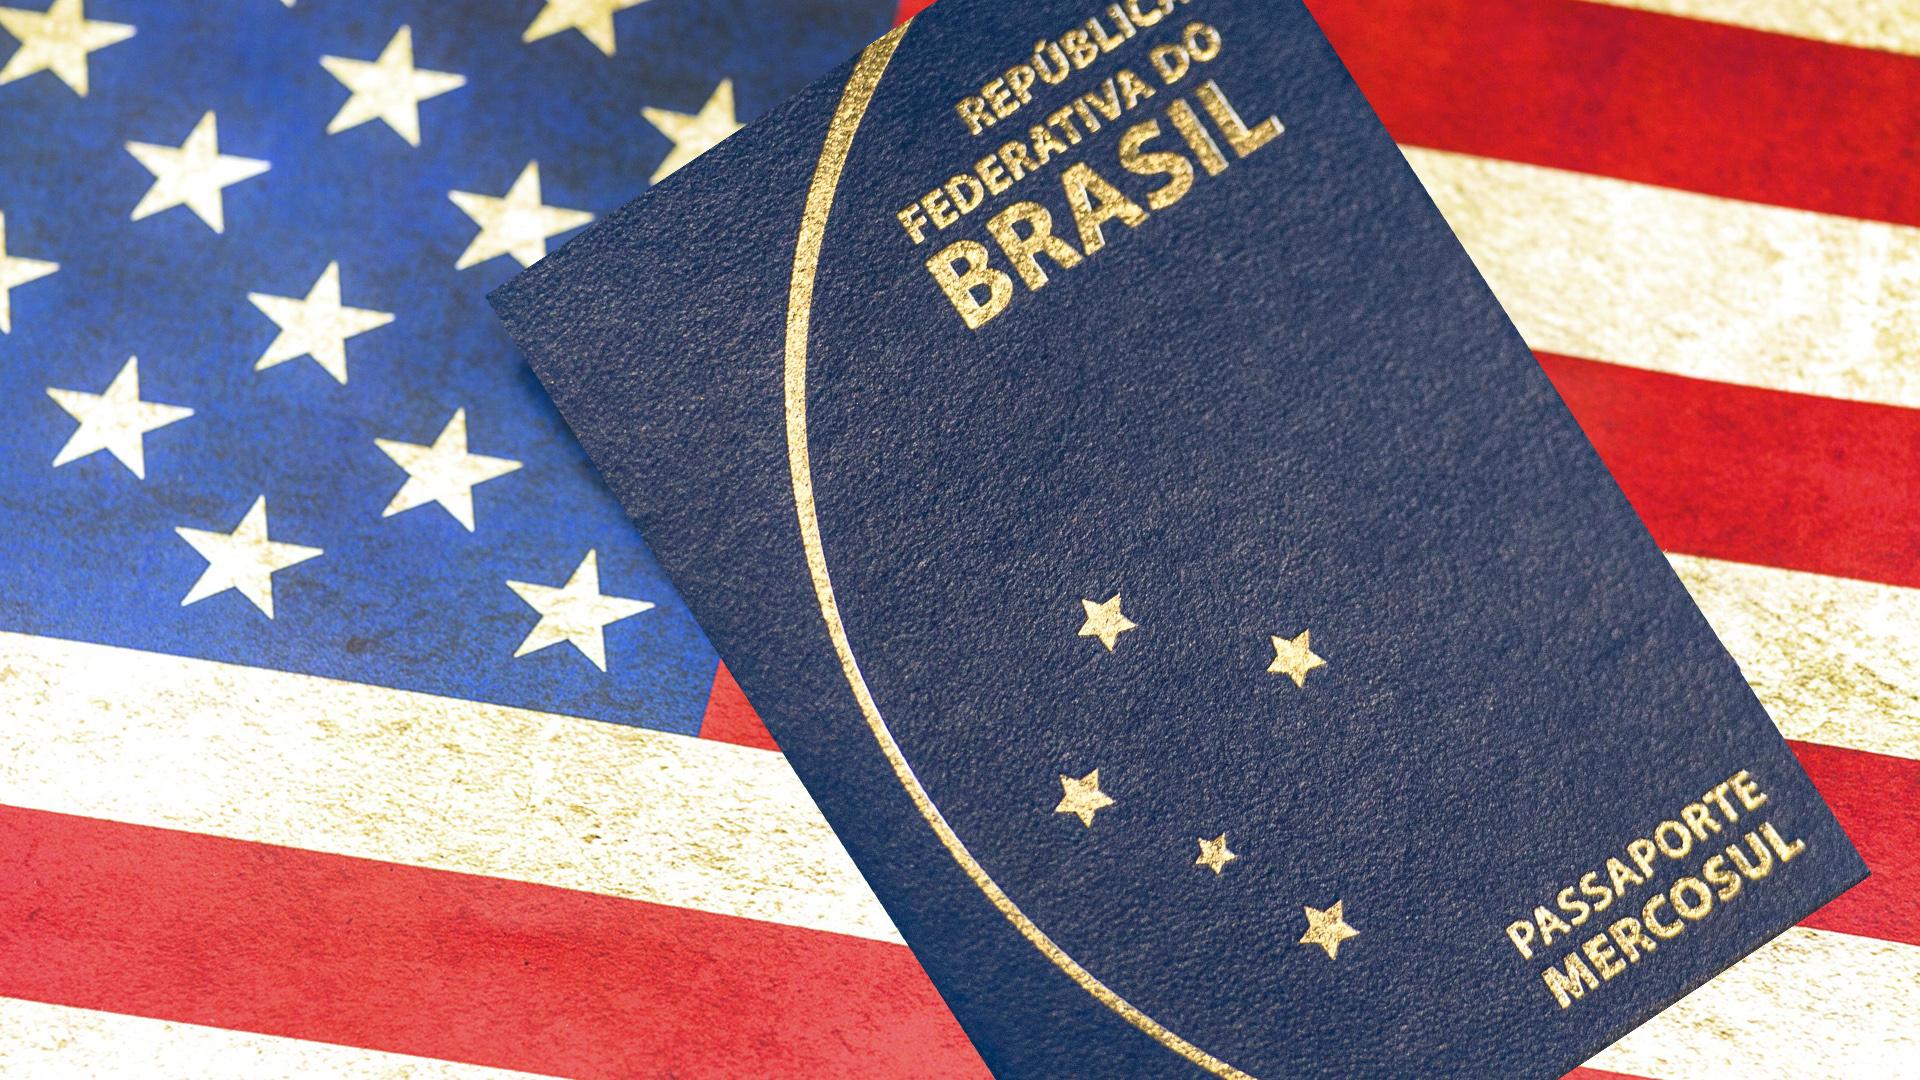 documentos-para-visto-americano-1  Início